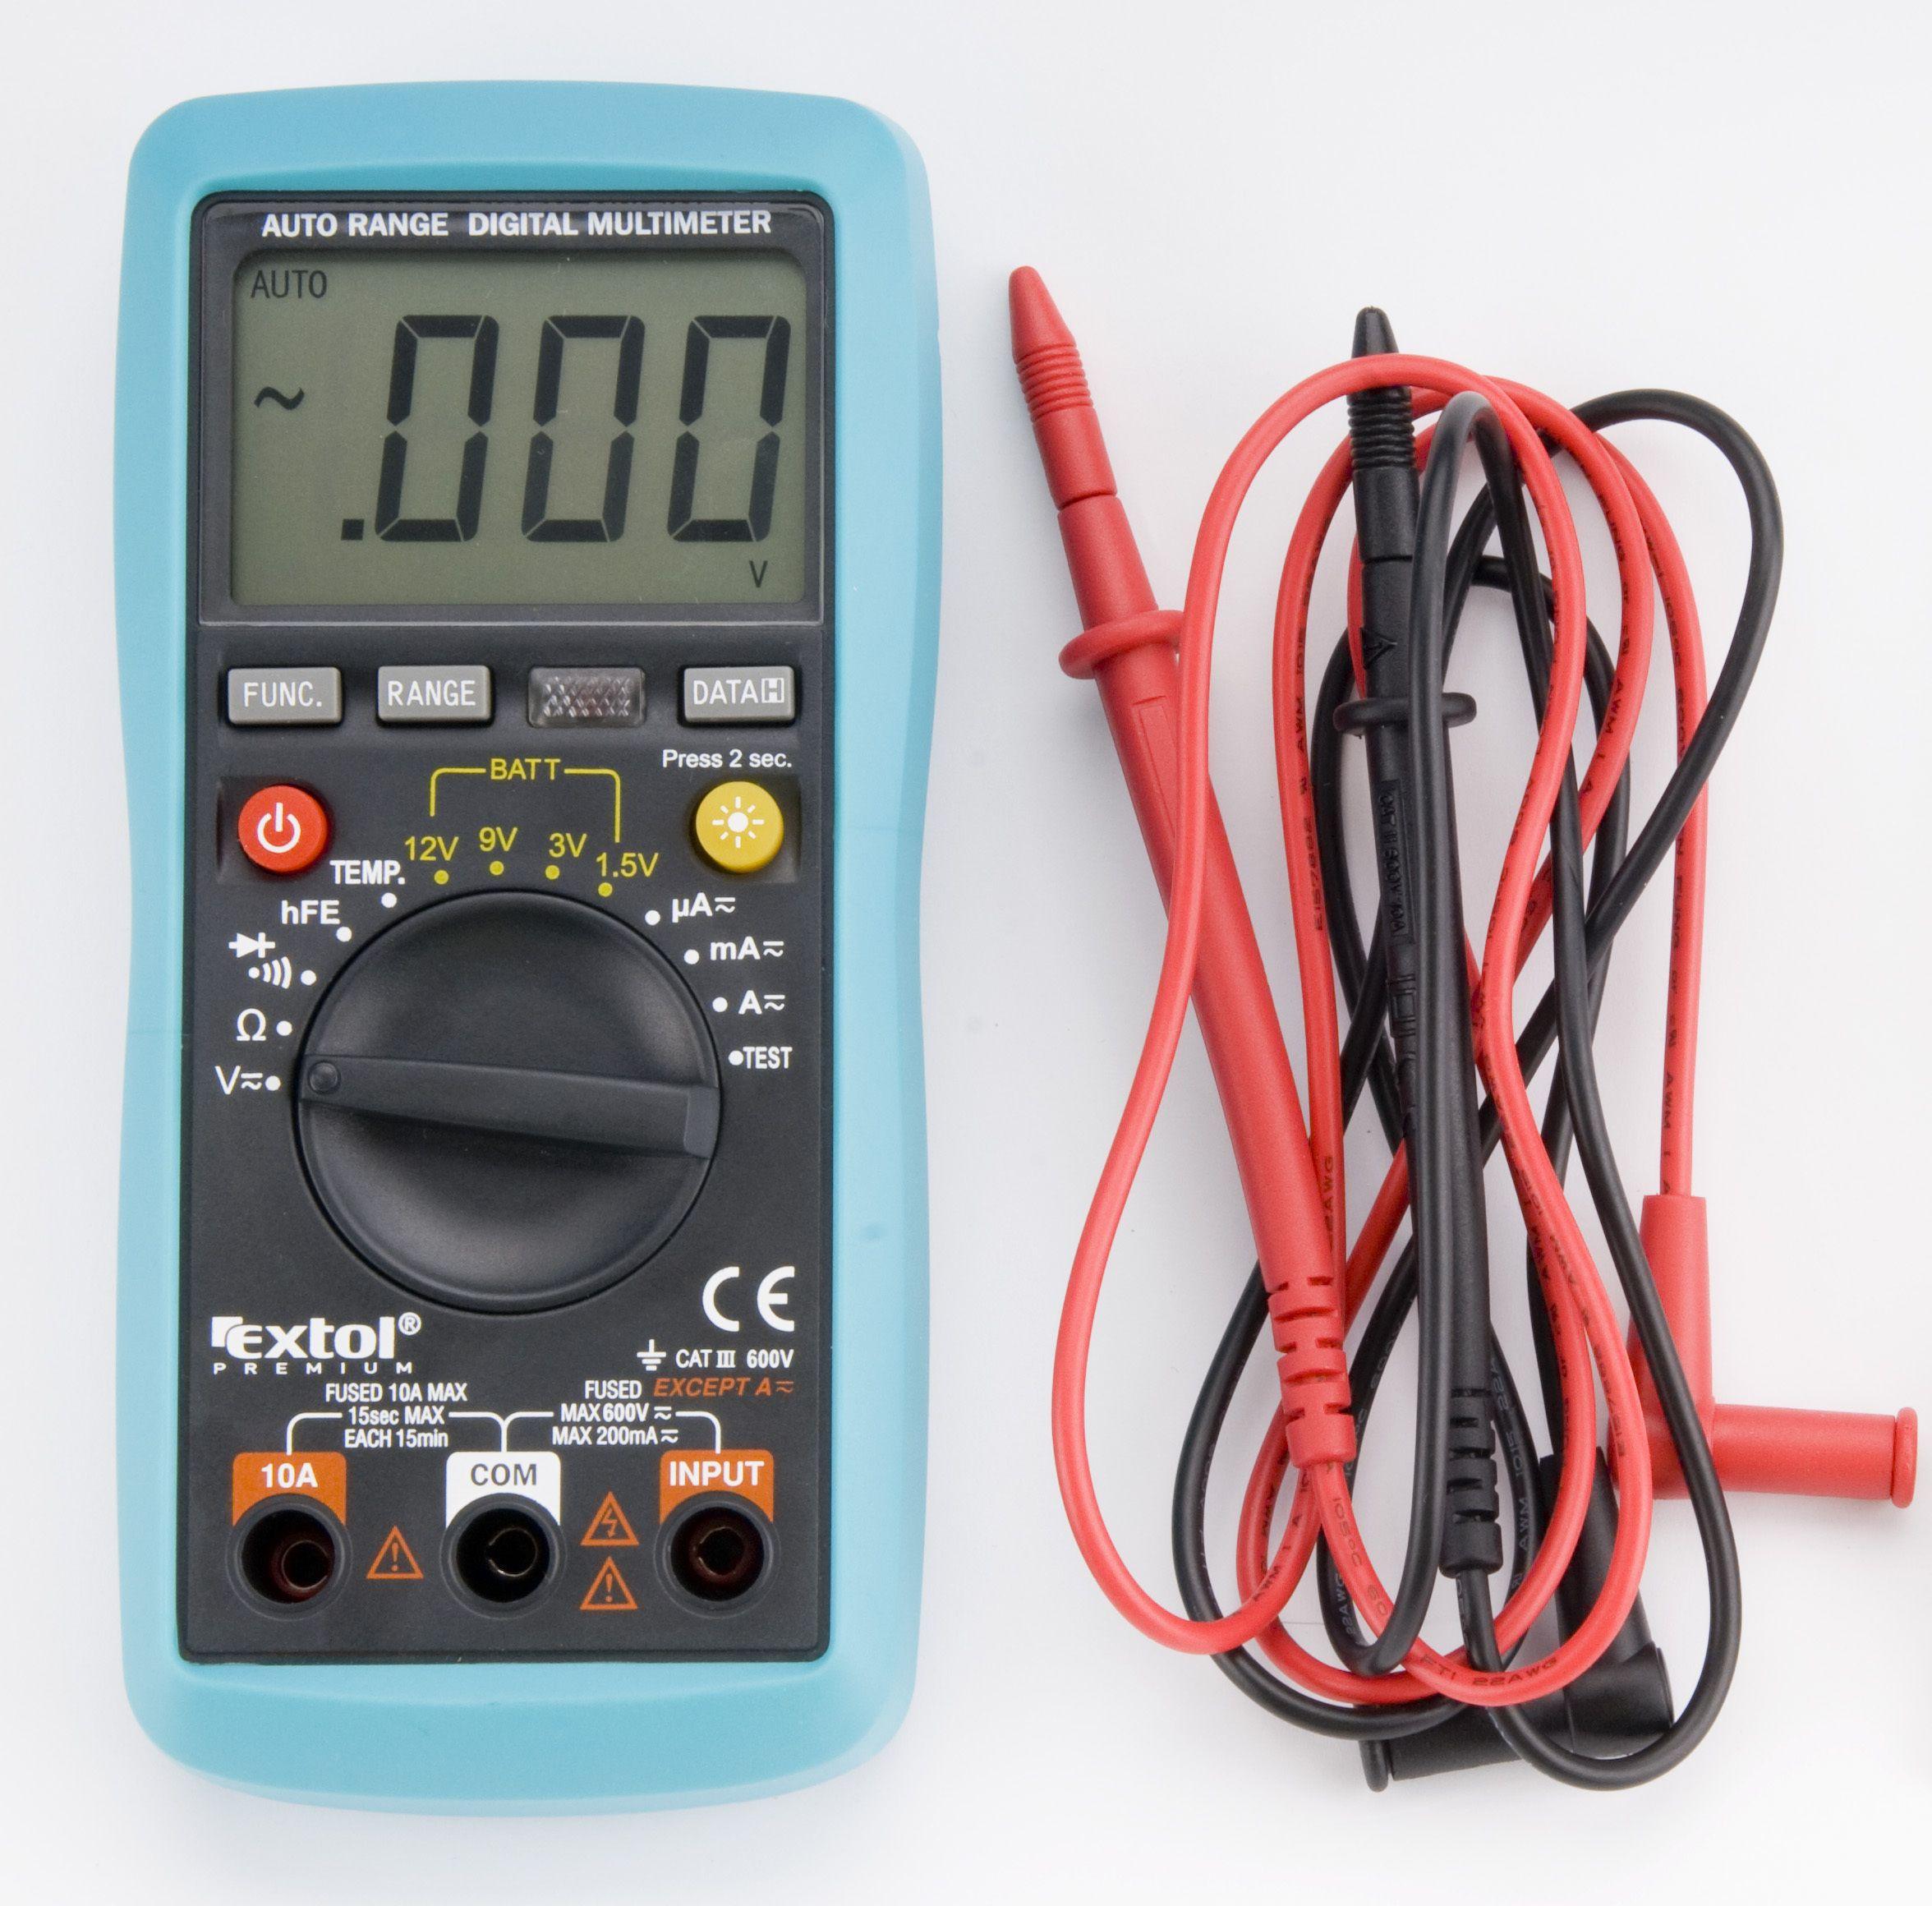 Multimetr digitální s automatickou volbou rozsahů, EXTOL PREMIUM